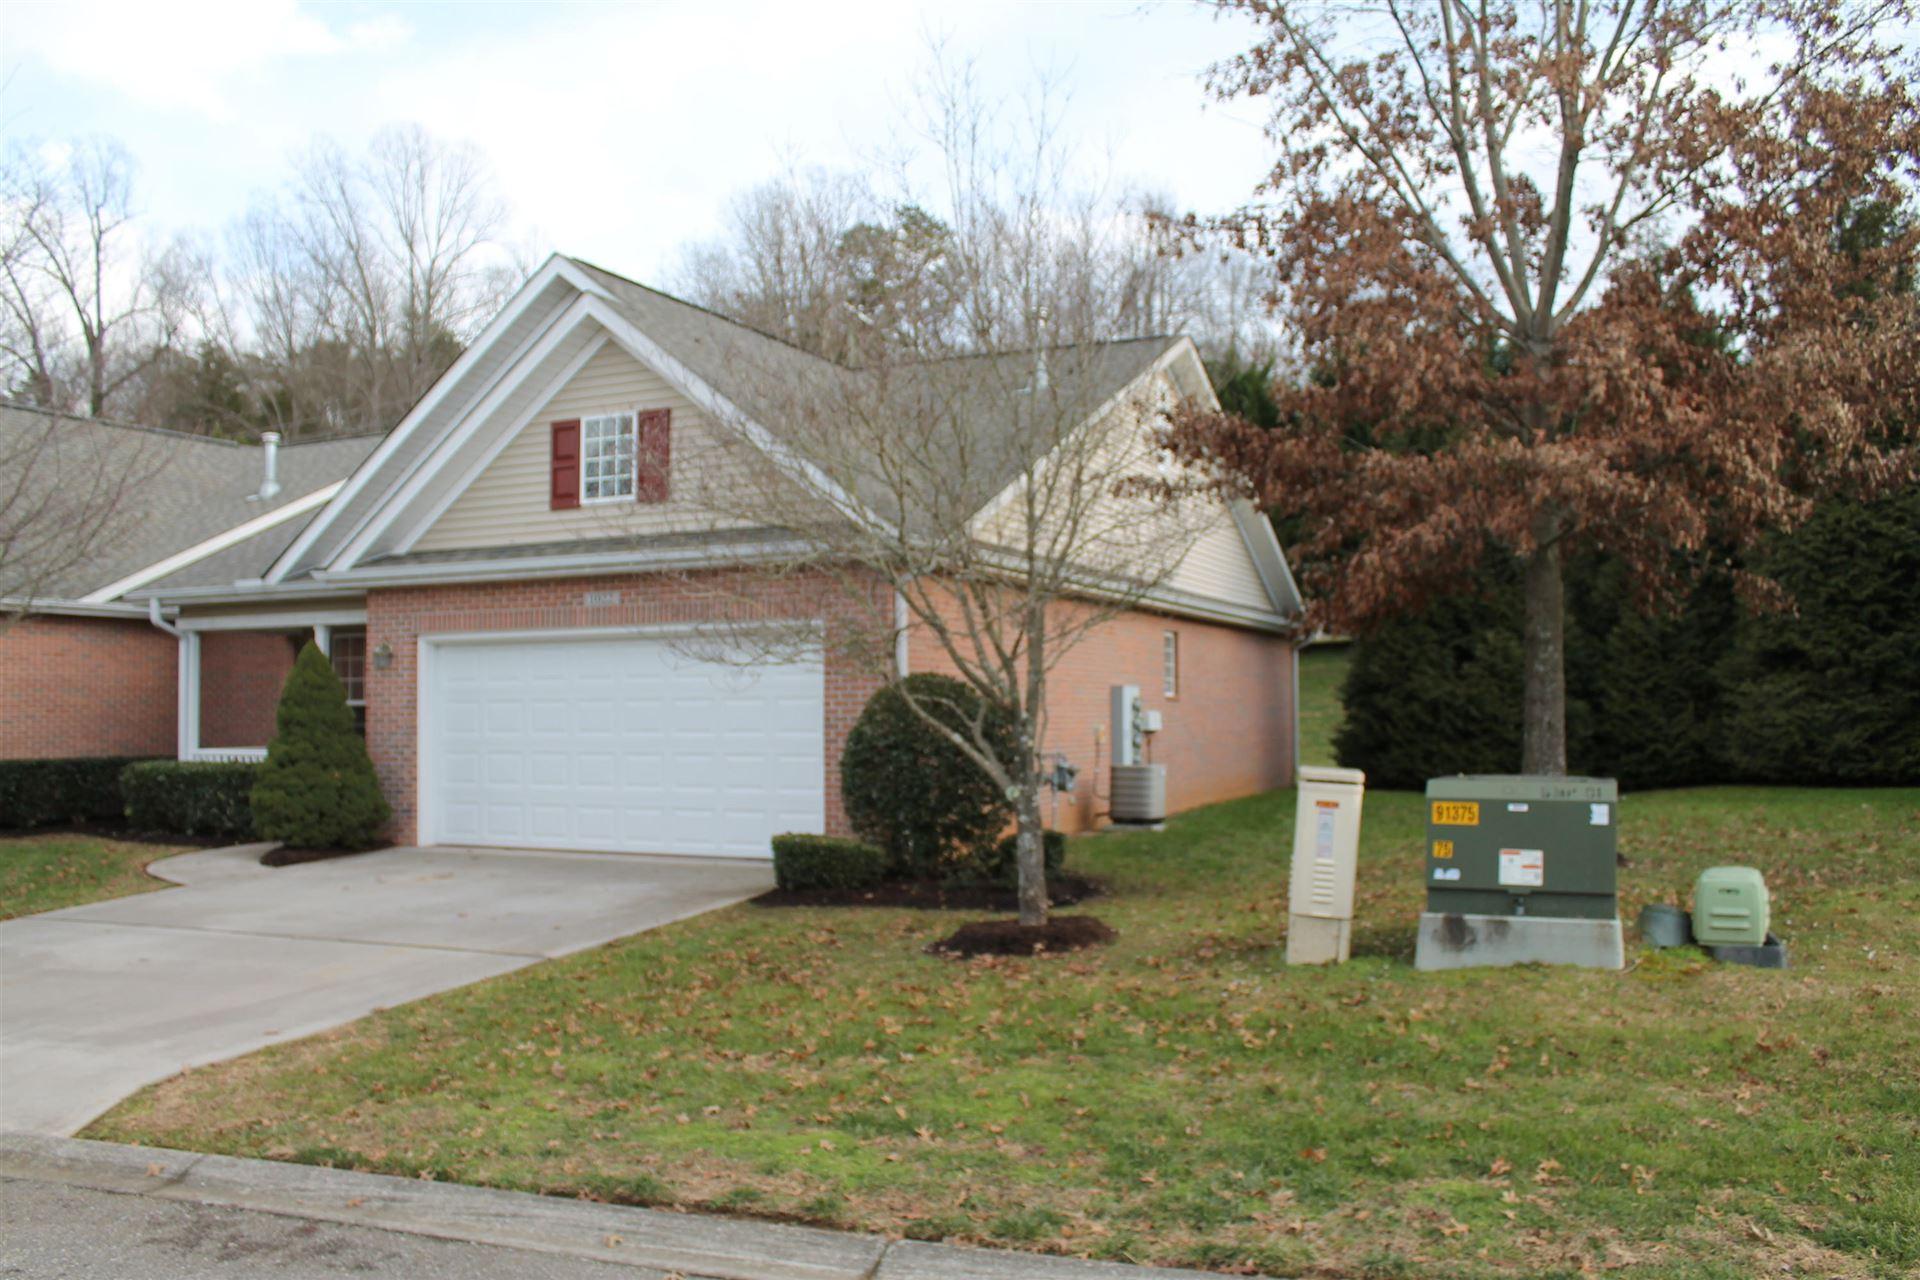 Photo of 1022 Tavistock Way, Knoxville, TN 37918 (MLS # 1140167)